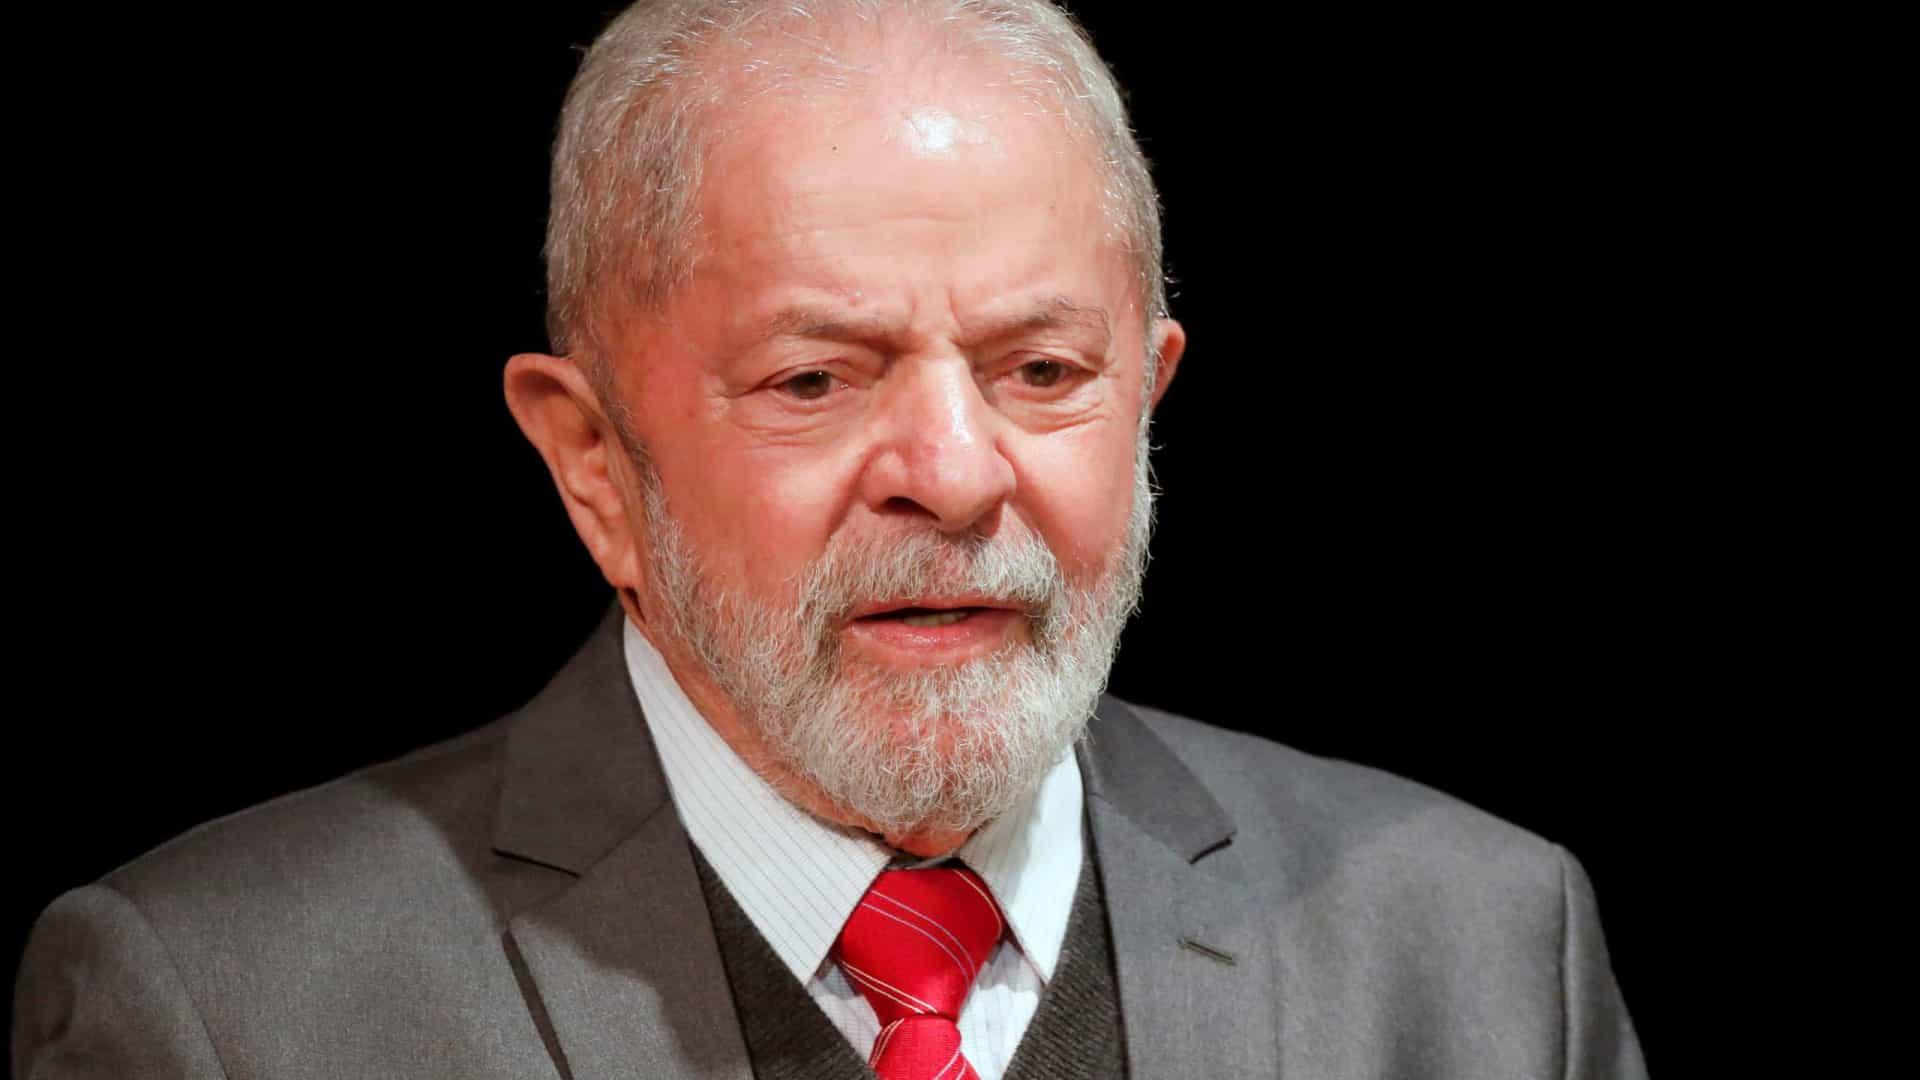 naom 5ec3a3d249846 - Documento da empresa de Moro prova que triplex era da OAS, não de Lula; confira